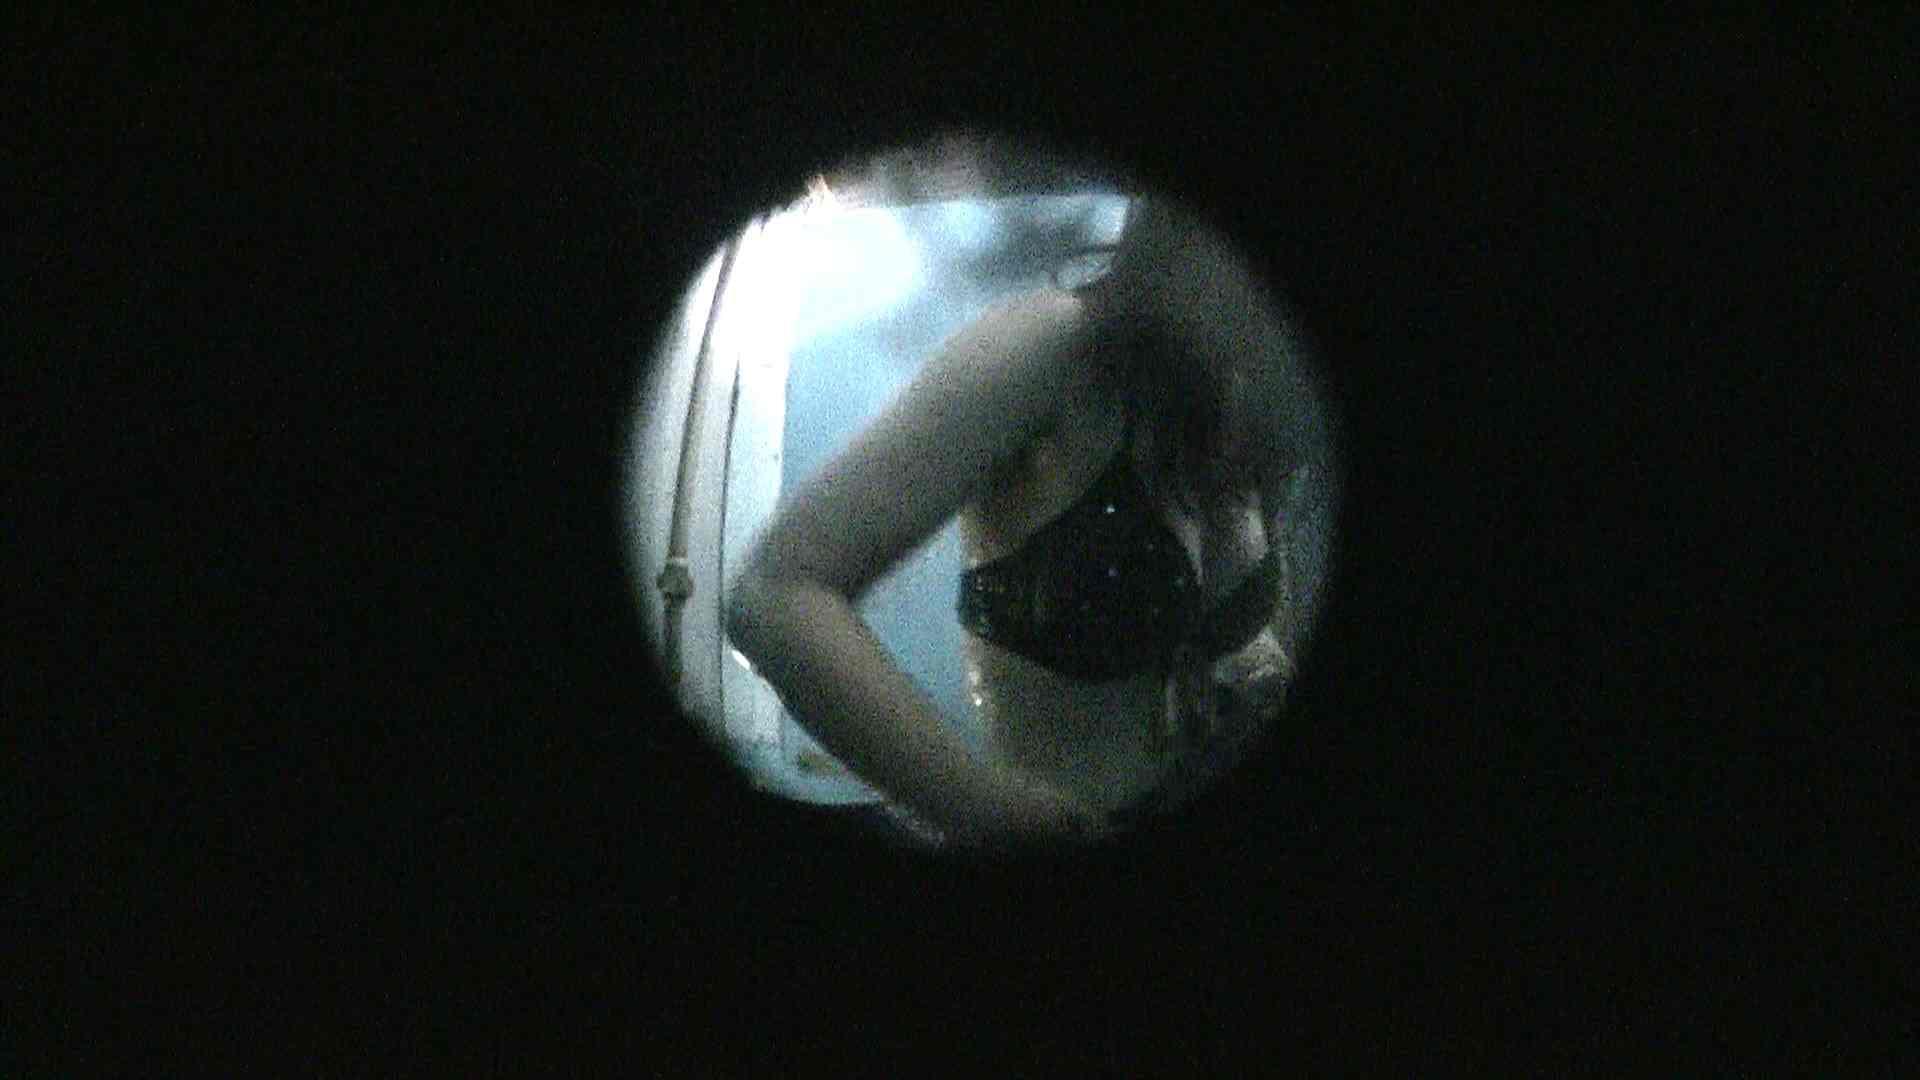 NO.13 暗いですが豪快な砂落としが好印象 シャワー室  89pic 50